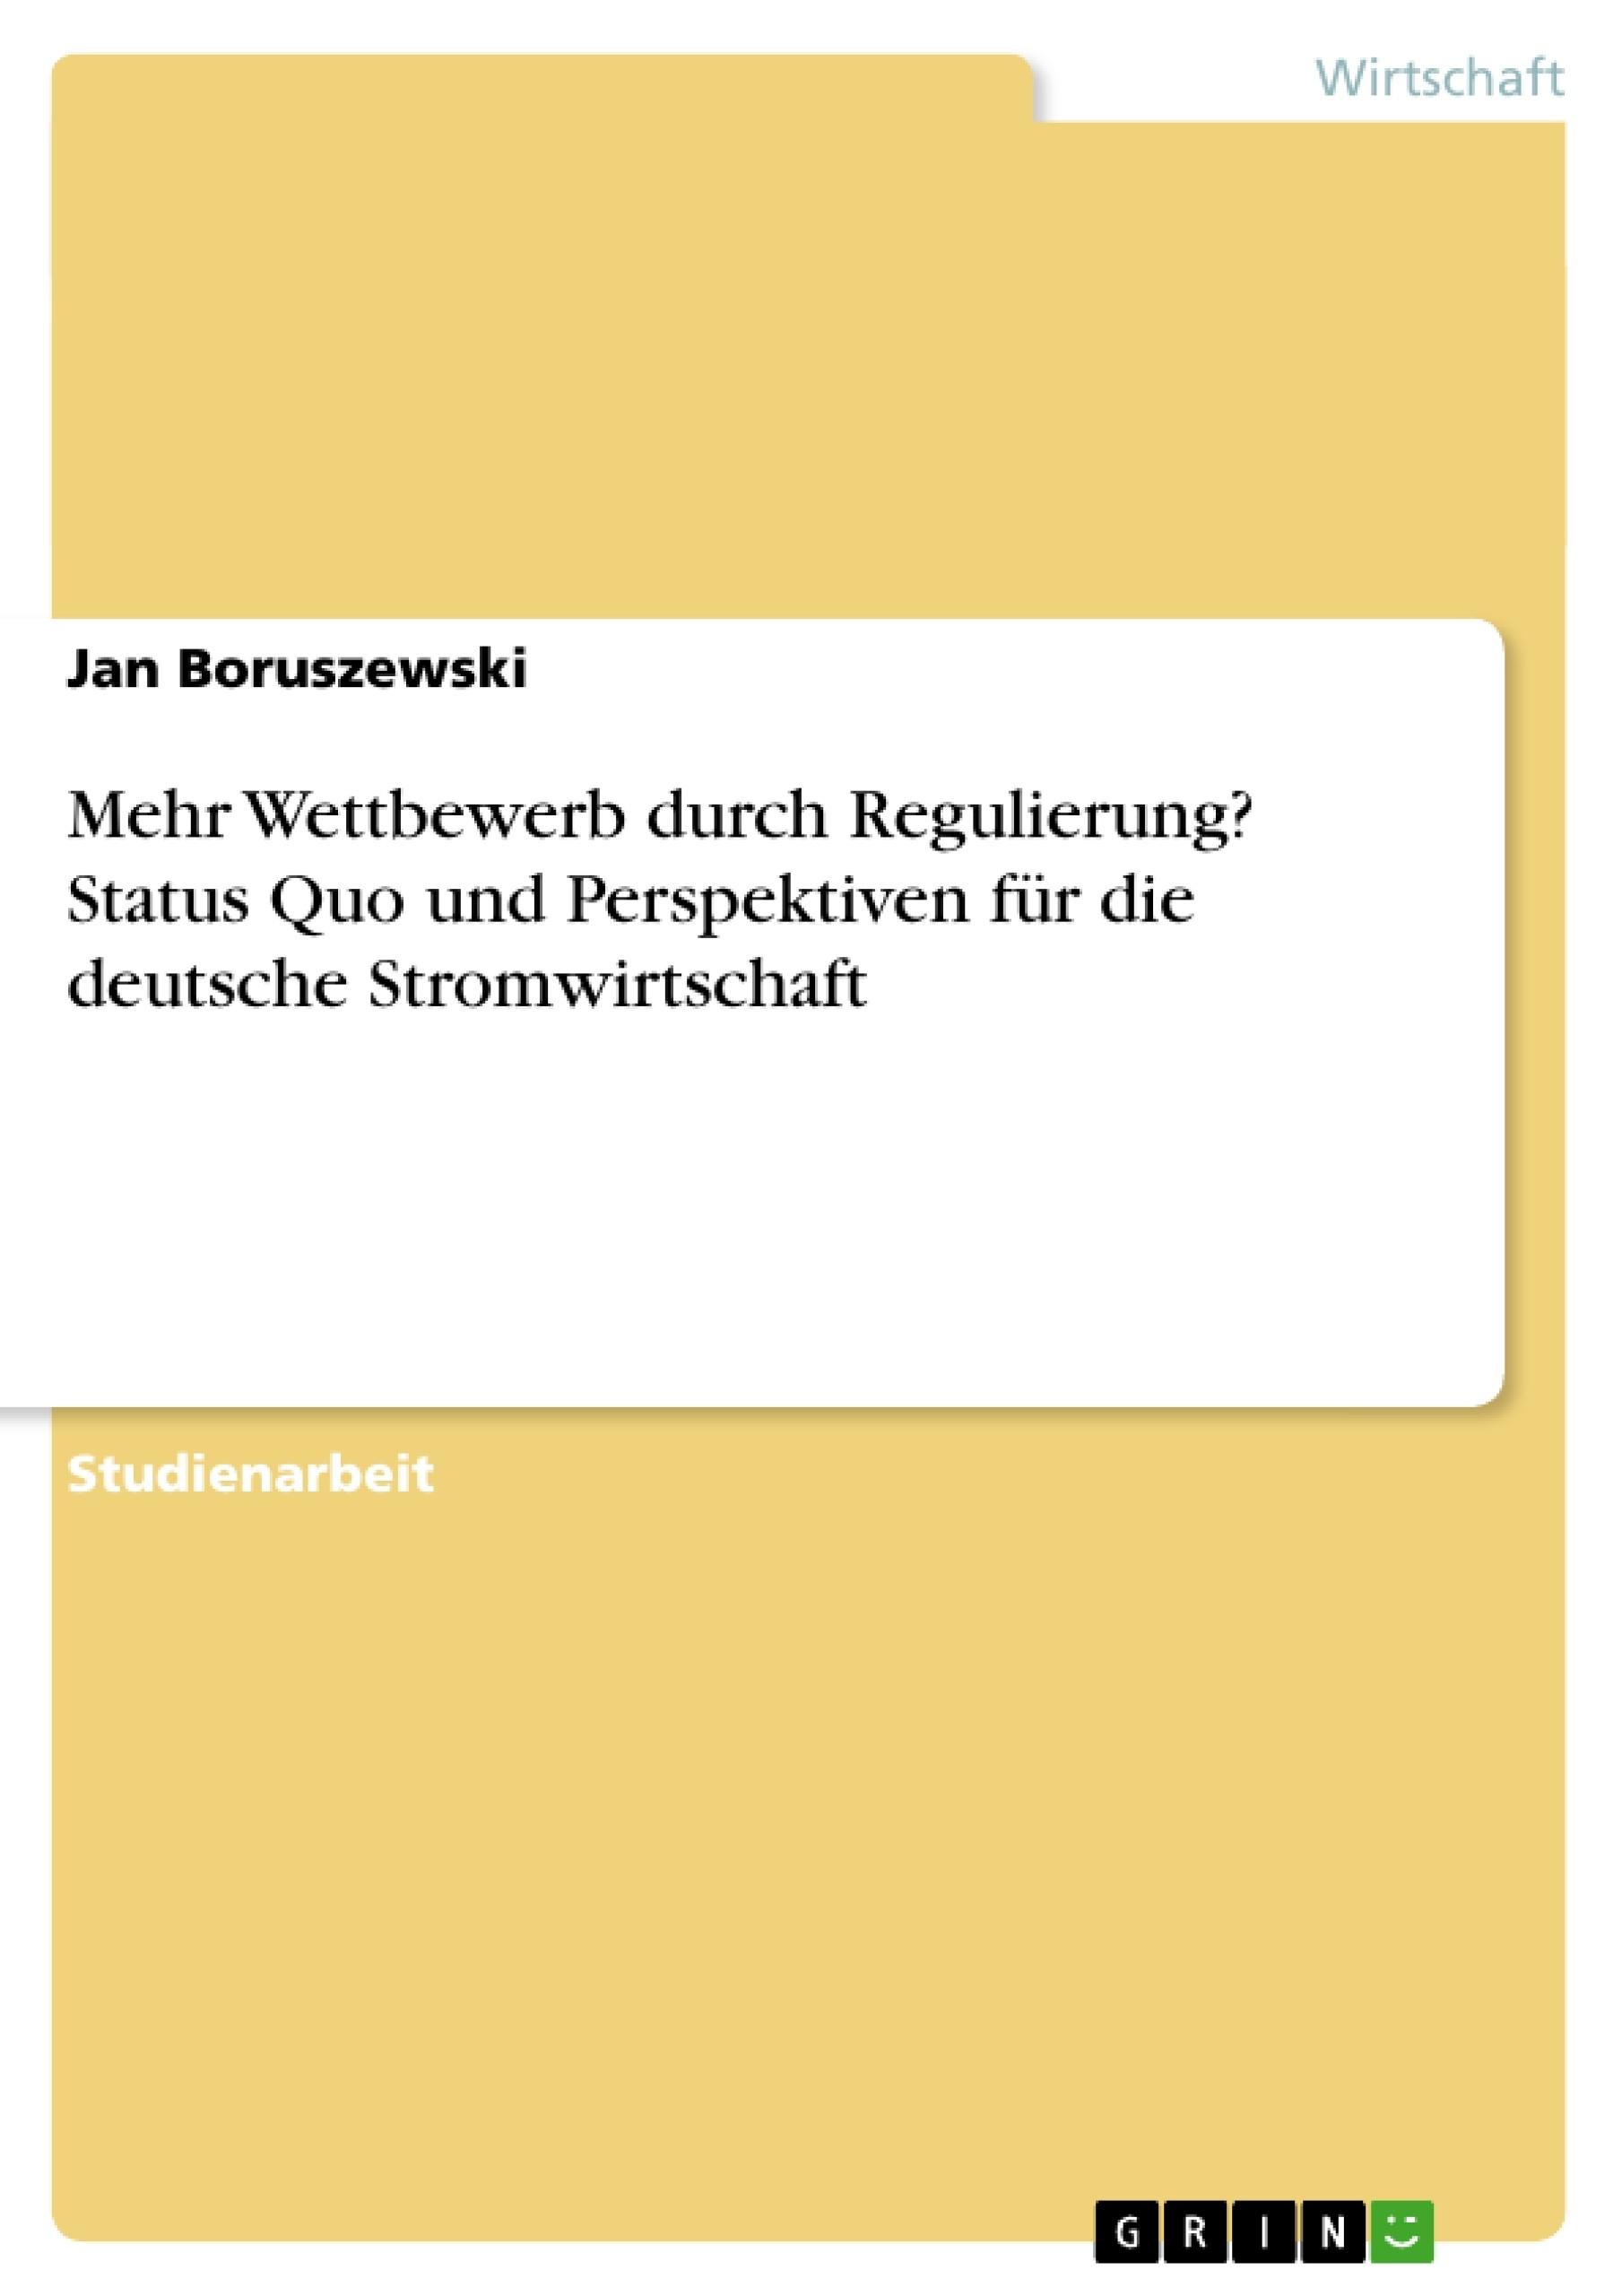 Titel: Mehr Wettbewerb durch Regulierung? Status Quo und Perspektiven für die deutsche Stromwirtschaft